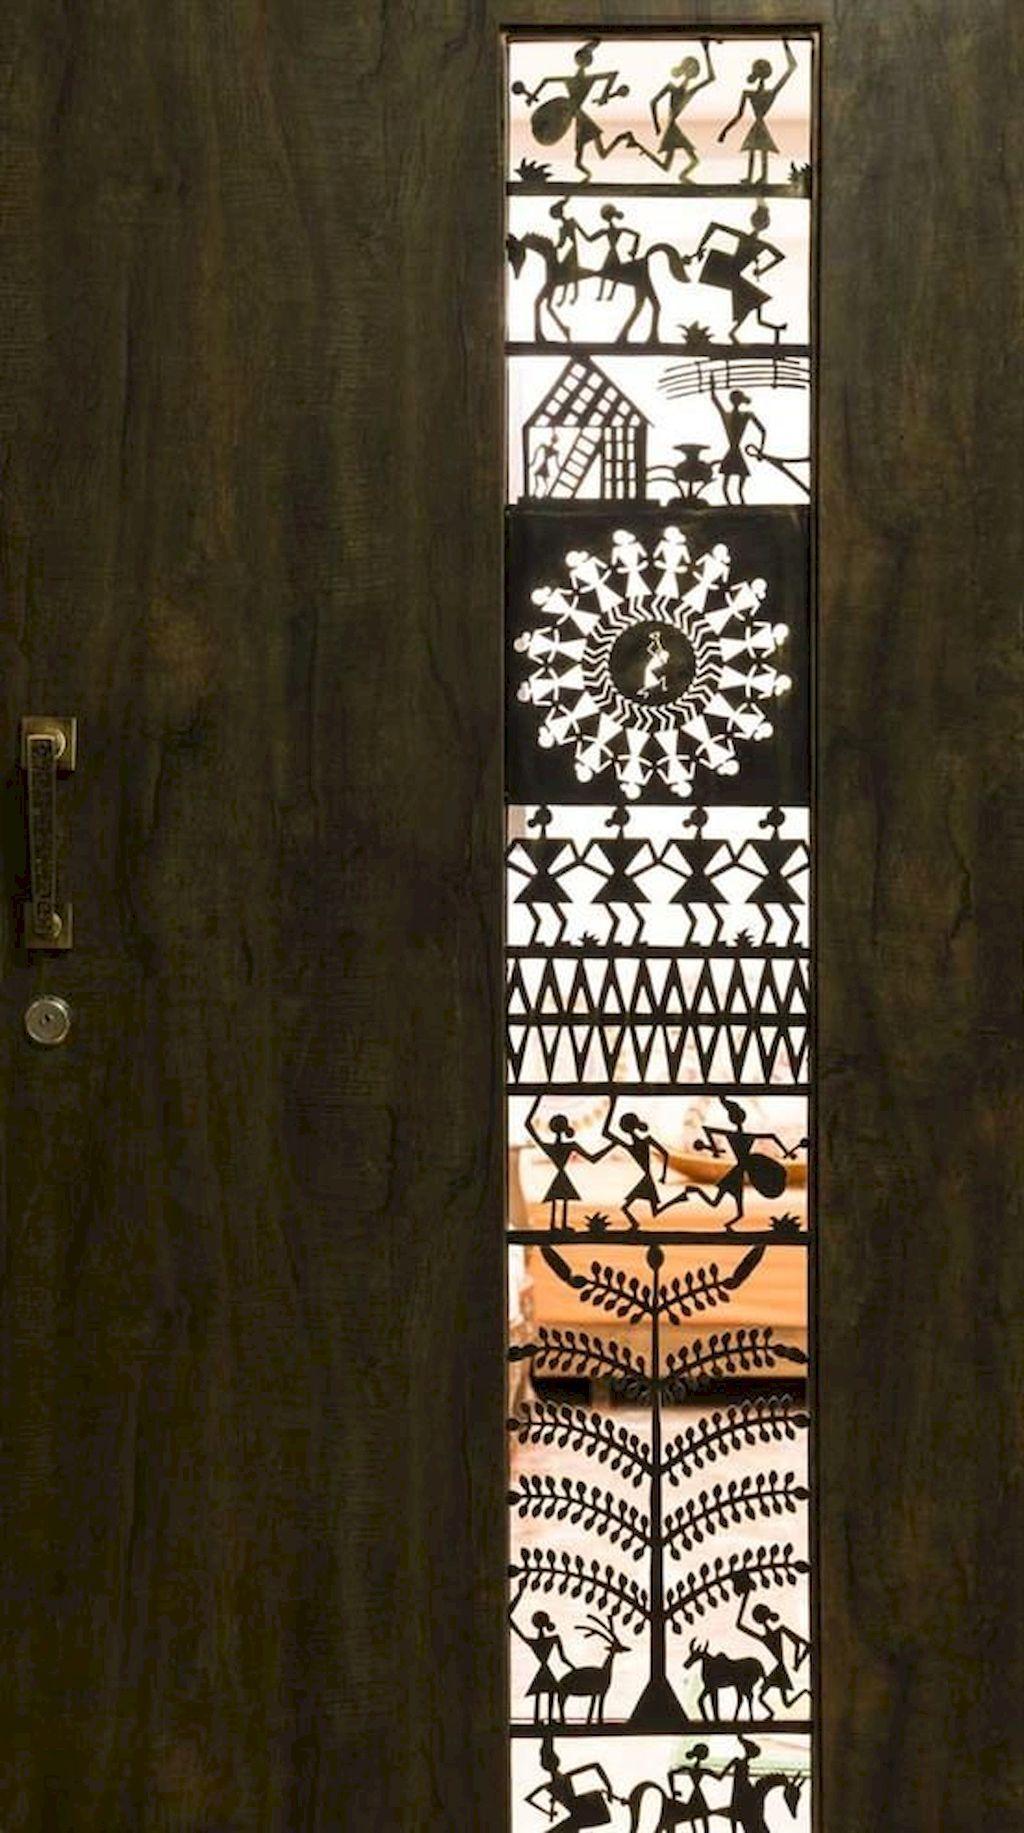 Adorable Top 150 Type Of Marvelous Doors Design Https Homeofpondo Com Top 150 Type Of Marvelous Entrance Door Design Main Door Design Door Design Interior